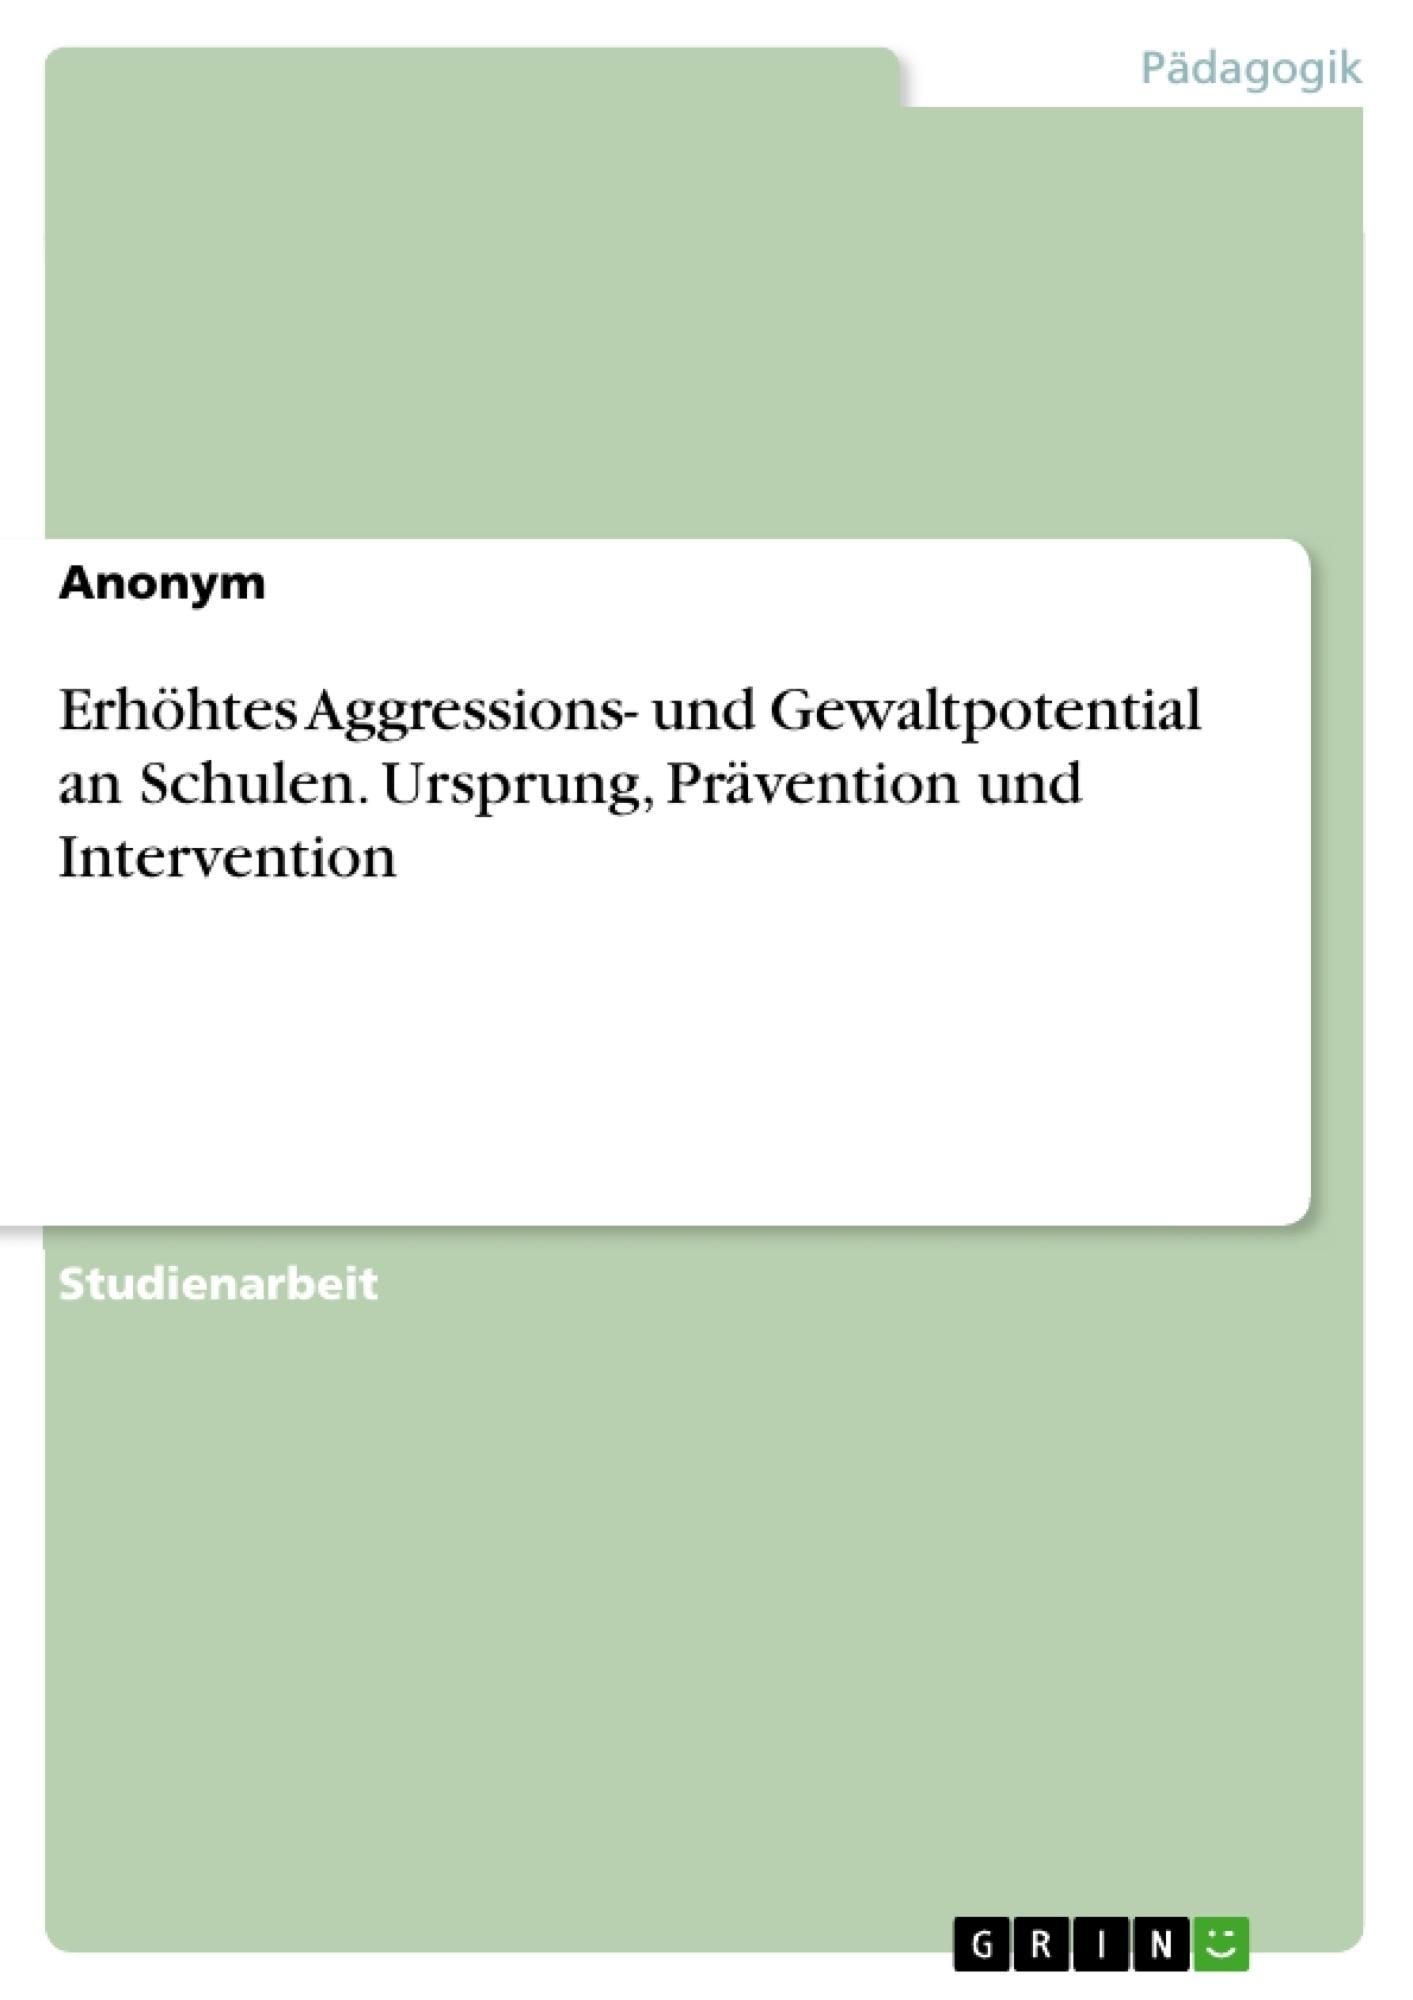 Titel: Erhöhtes Aggressions- und Gewaltpotential an Schulen. Ursprung, Prävention und Intervention